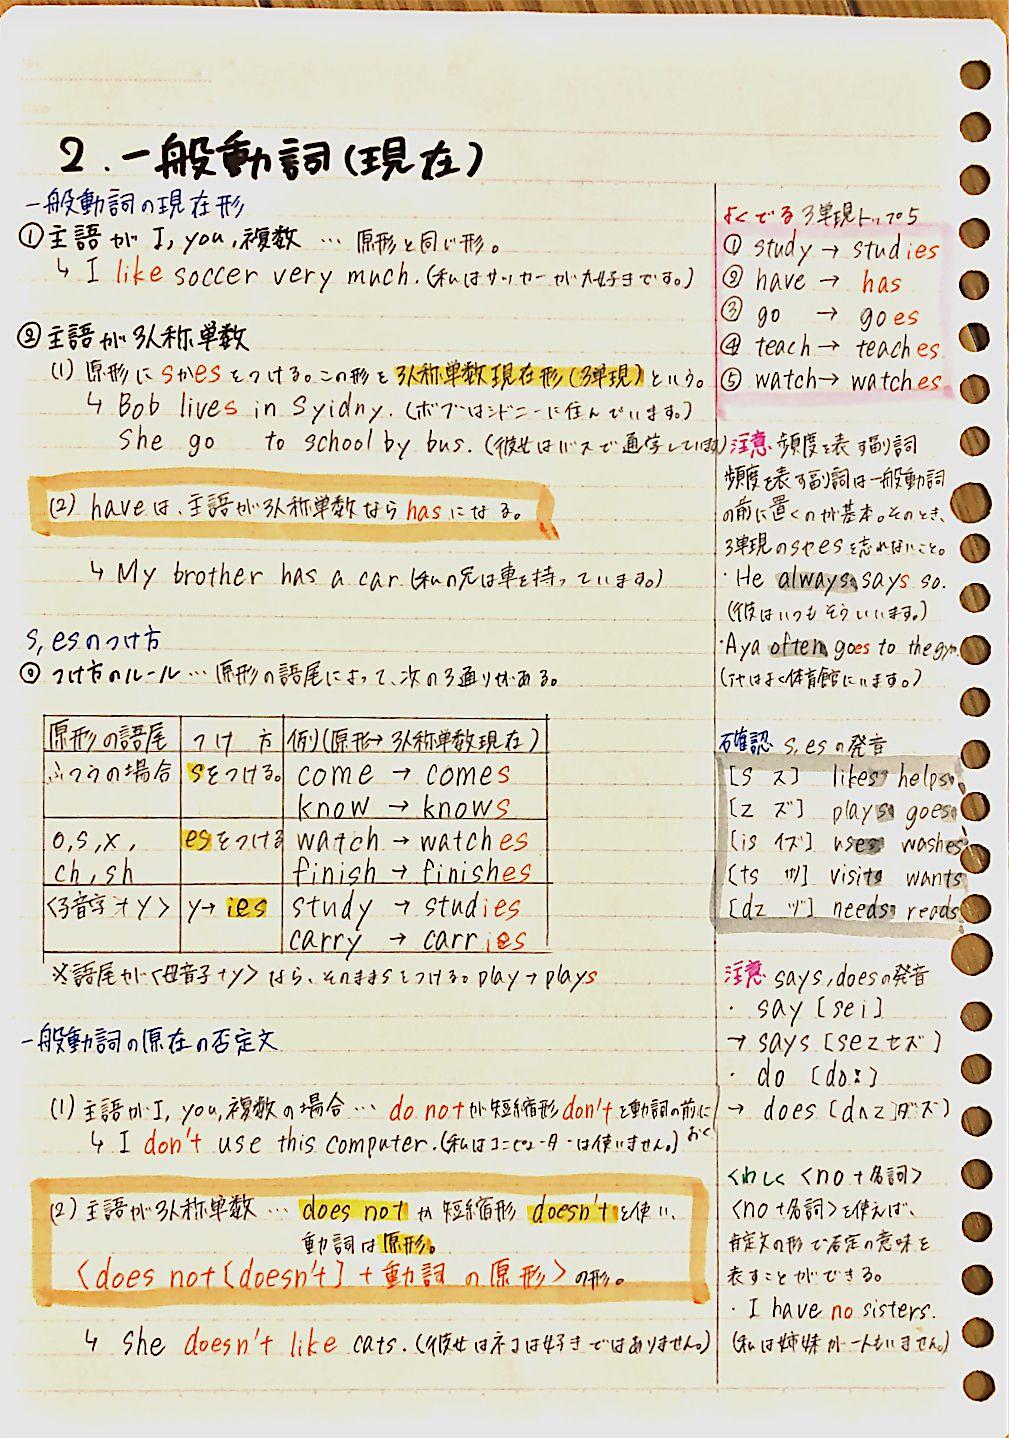 ボード「英語学習」のピン